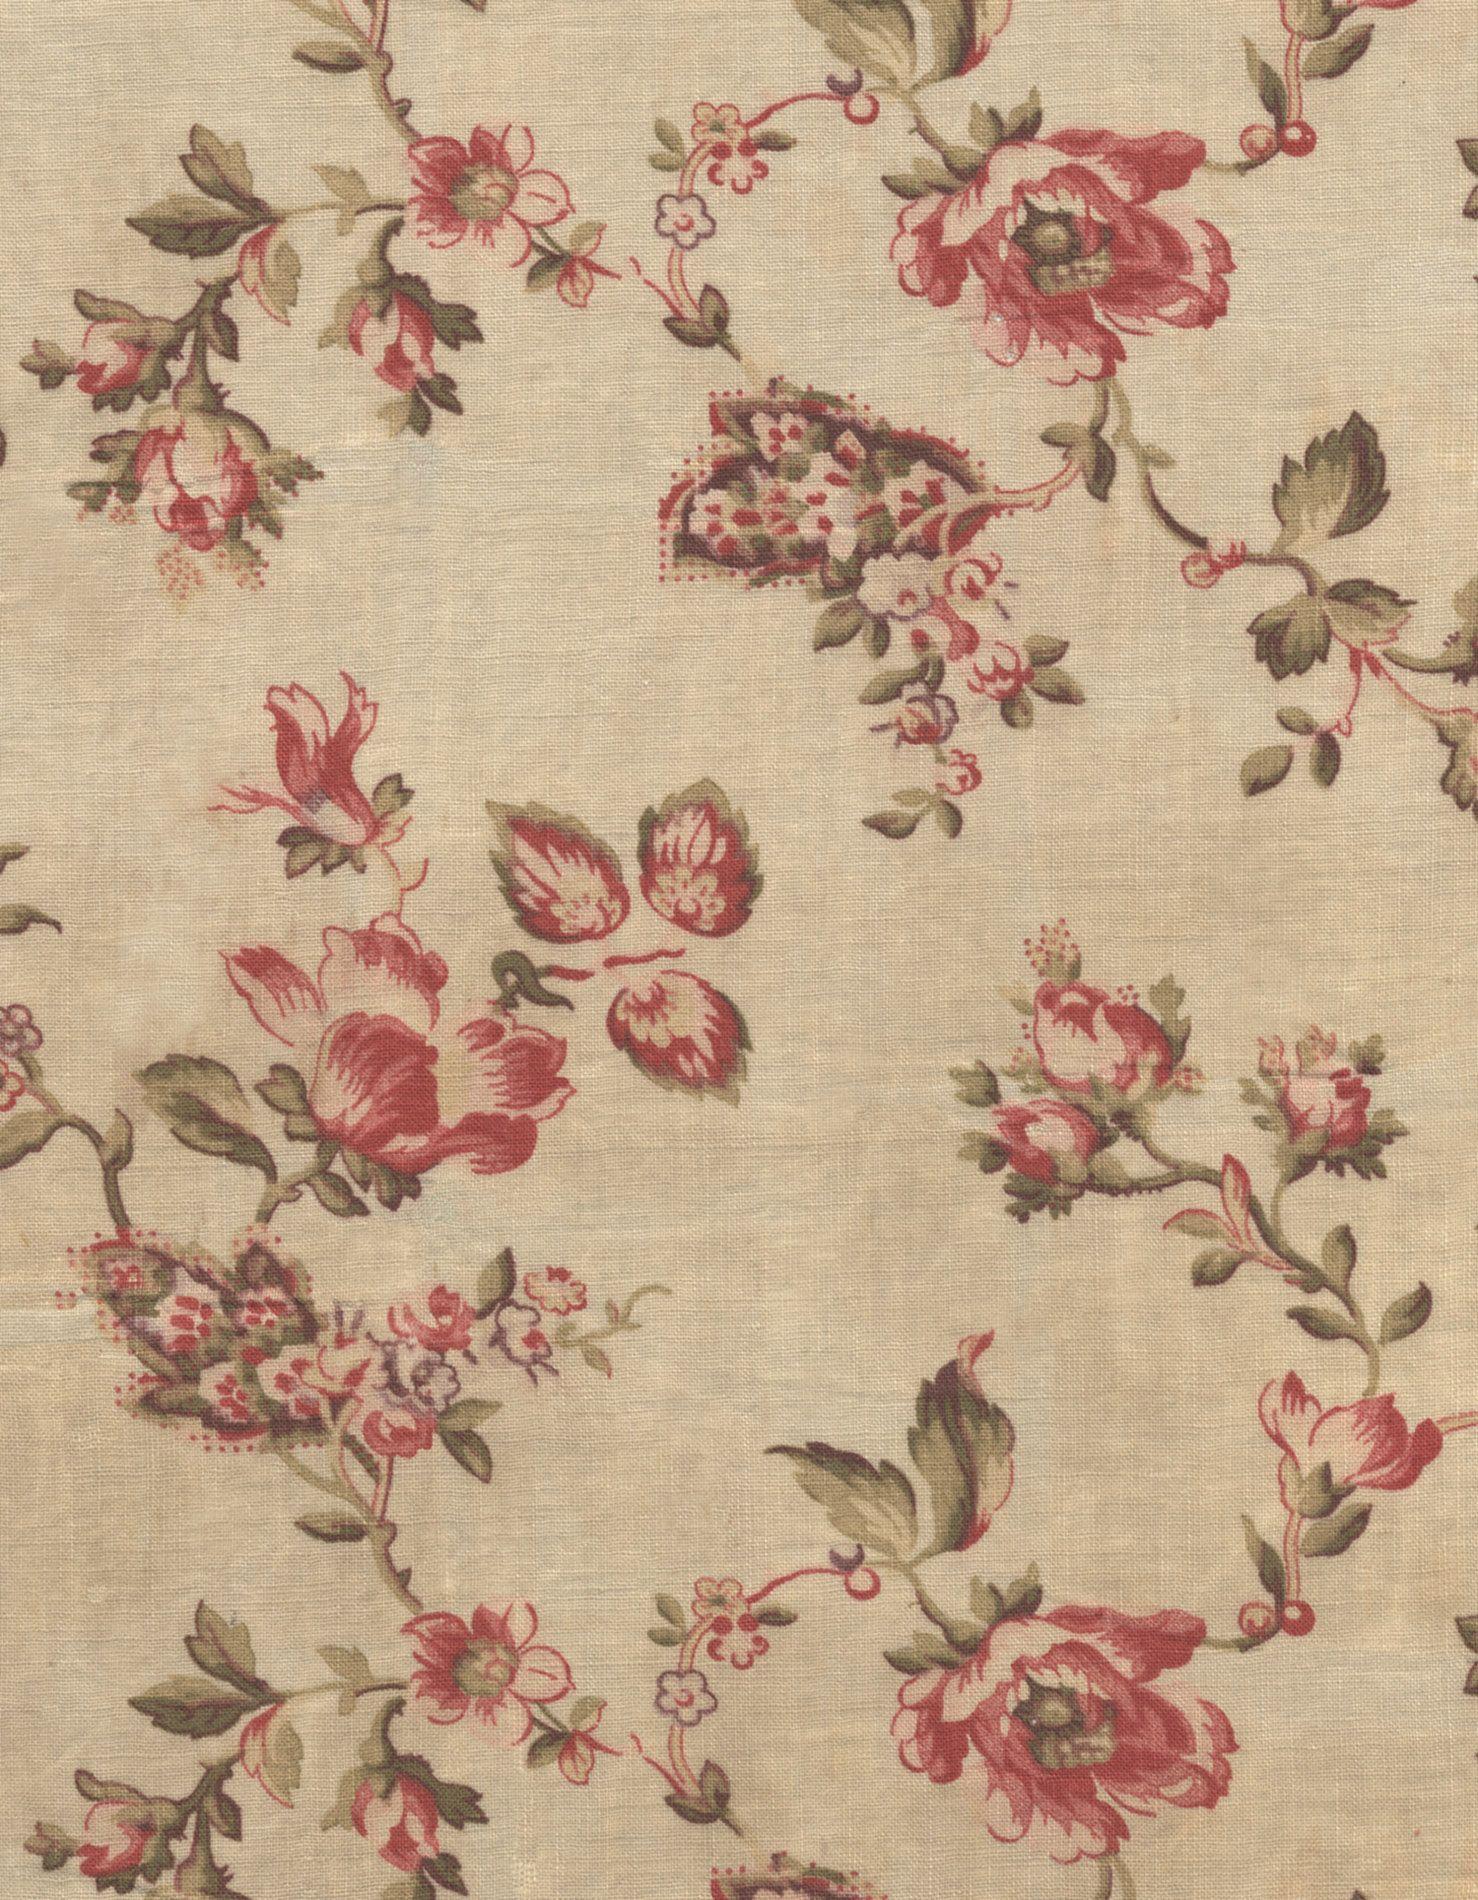 Old Paper Antique Flower Free Vintage The Blog